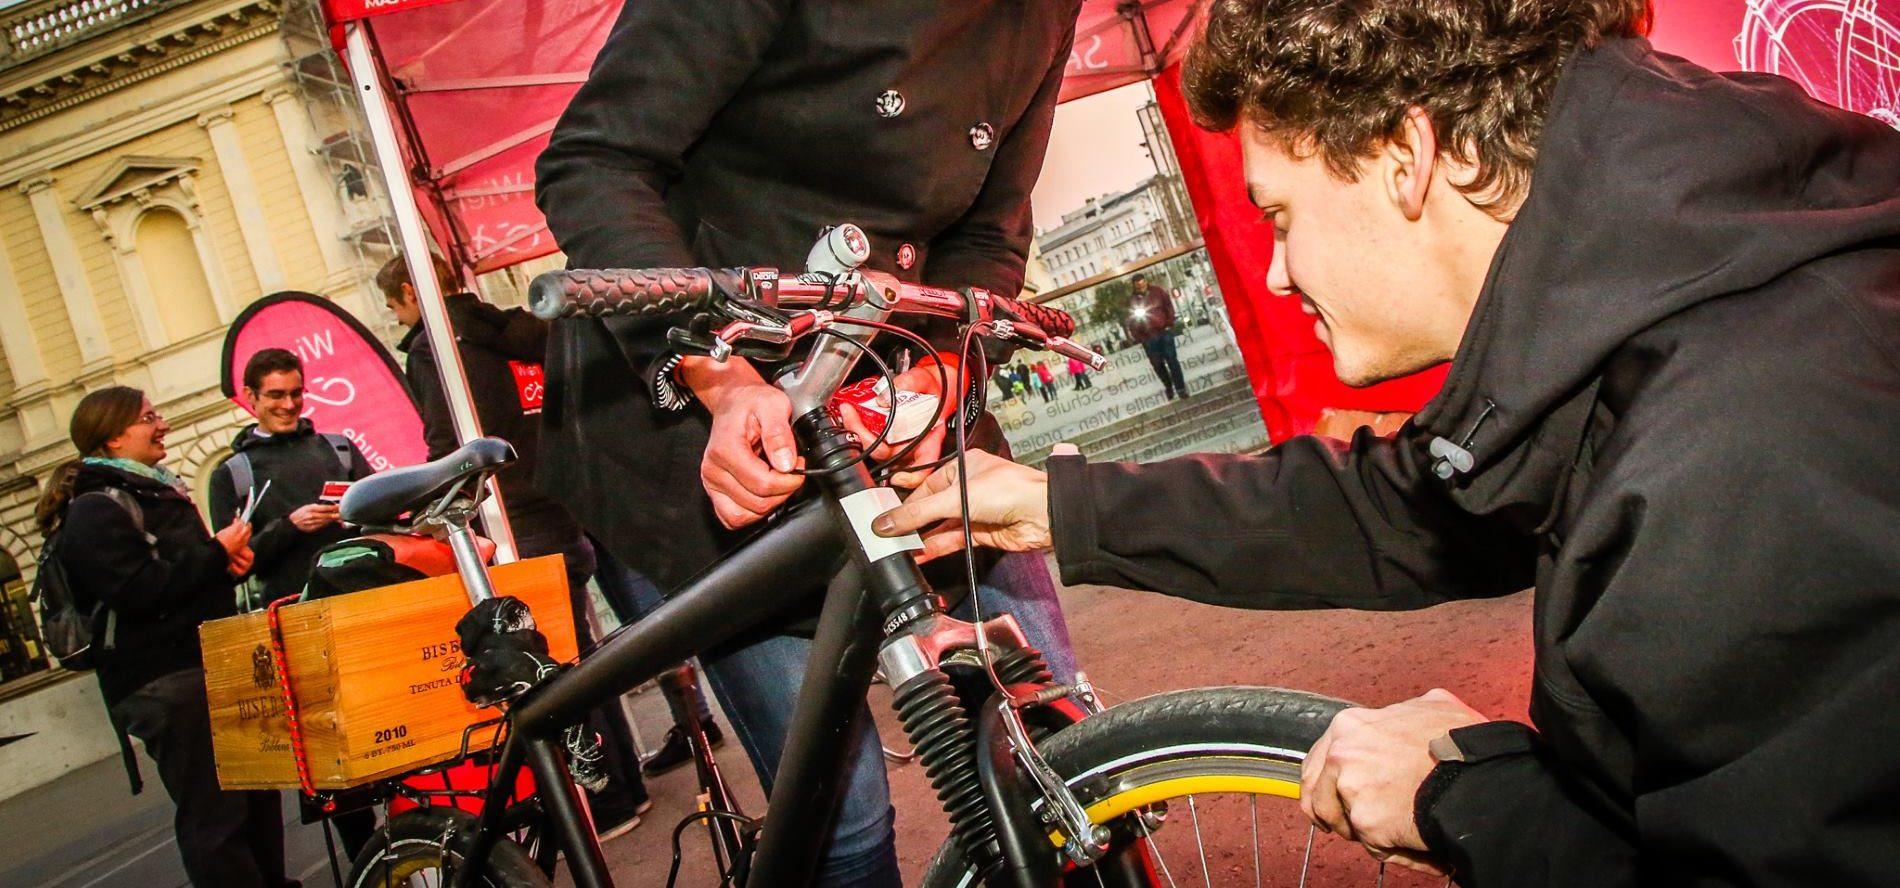 Bečka Agencija za mobilnost provodi kampanju o sigurnom bicikliranju